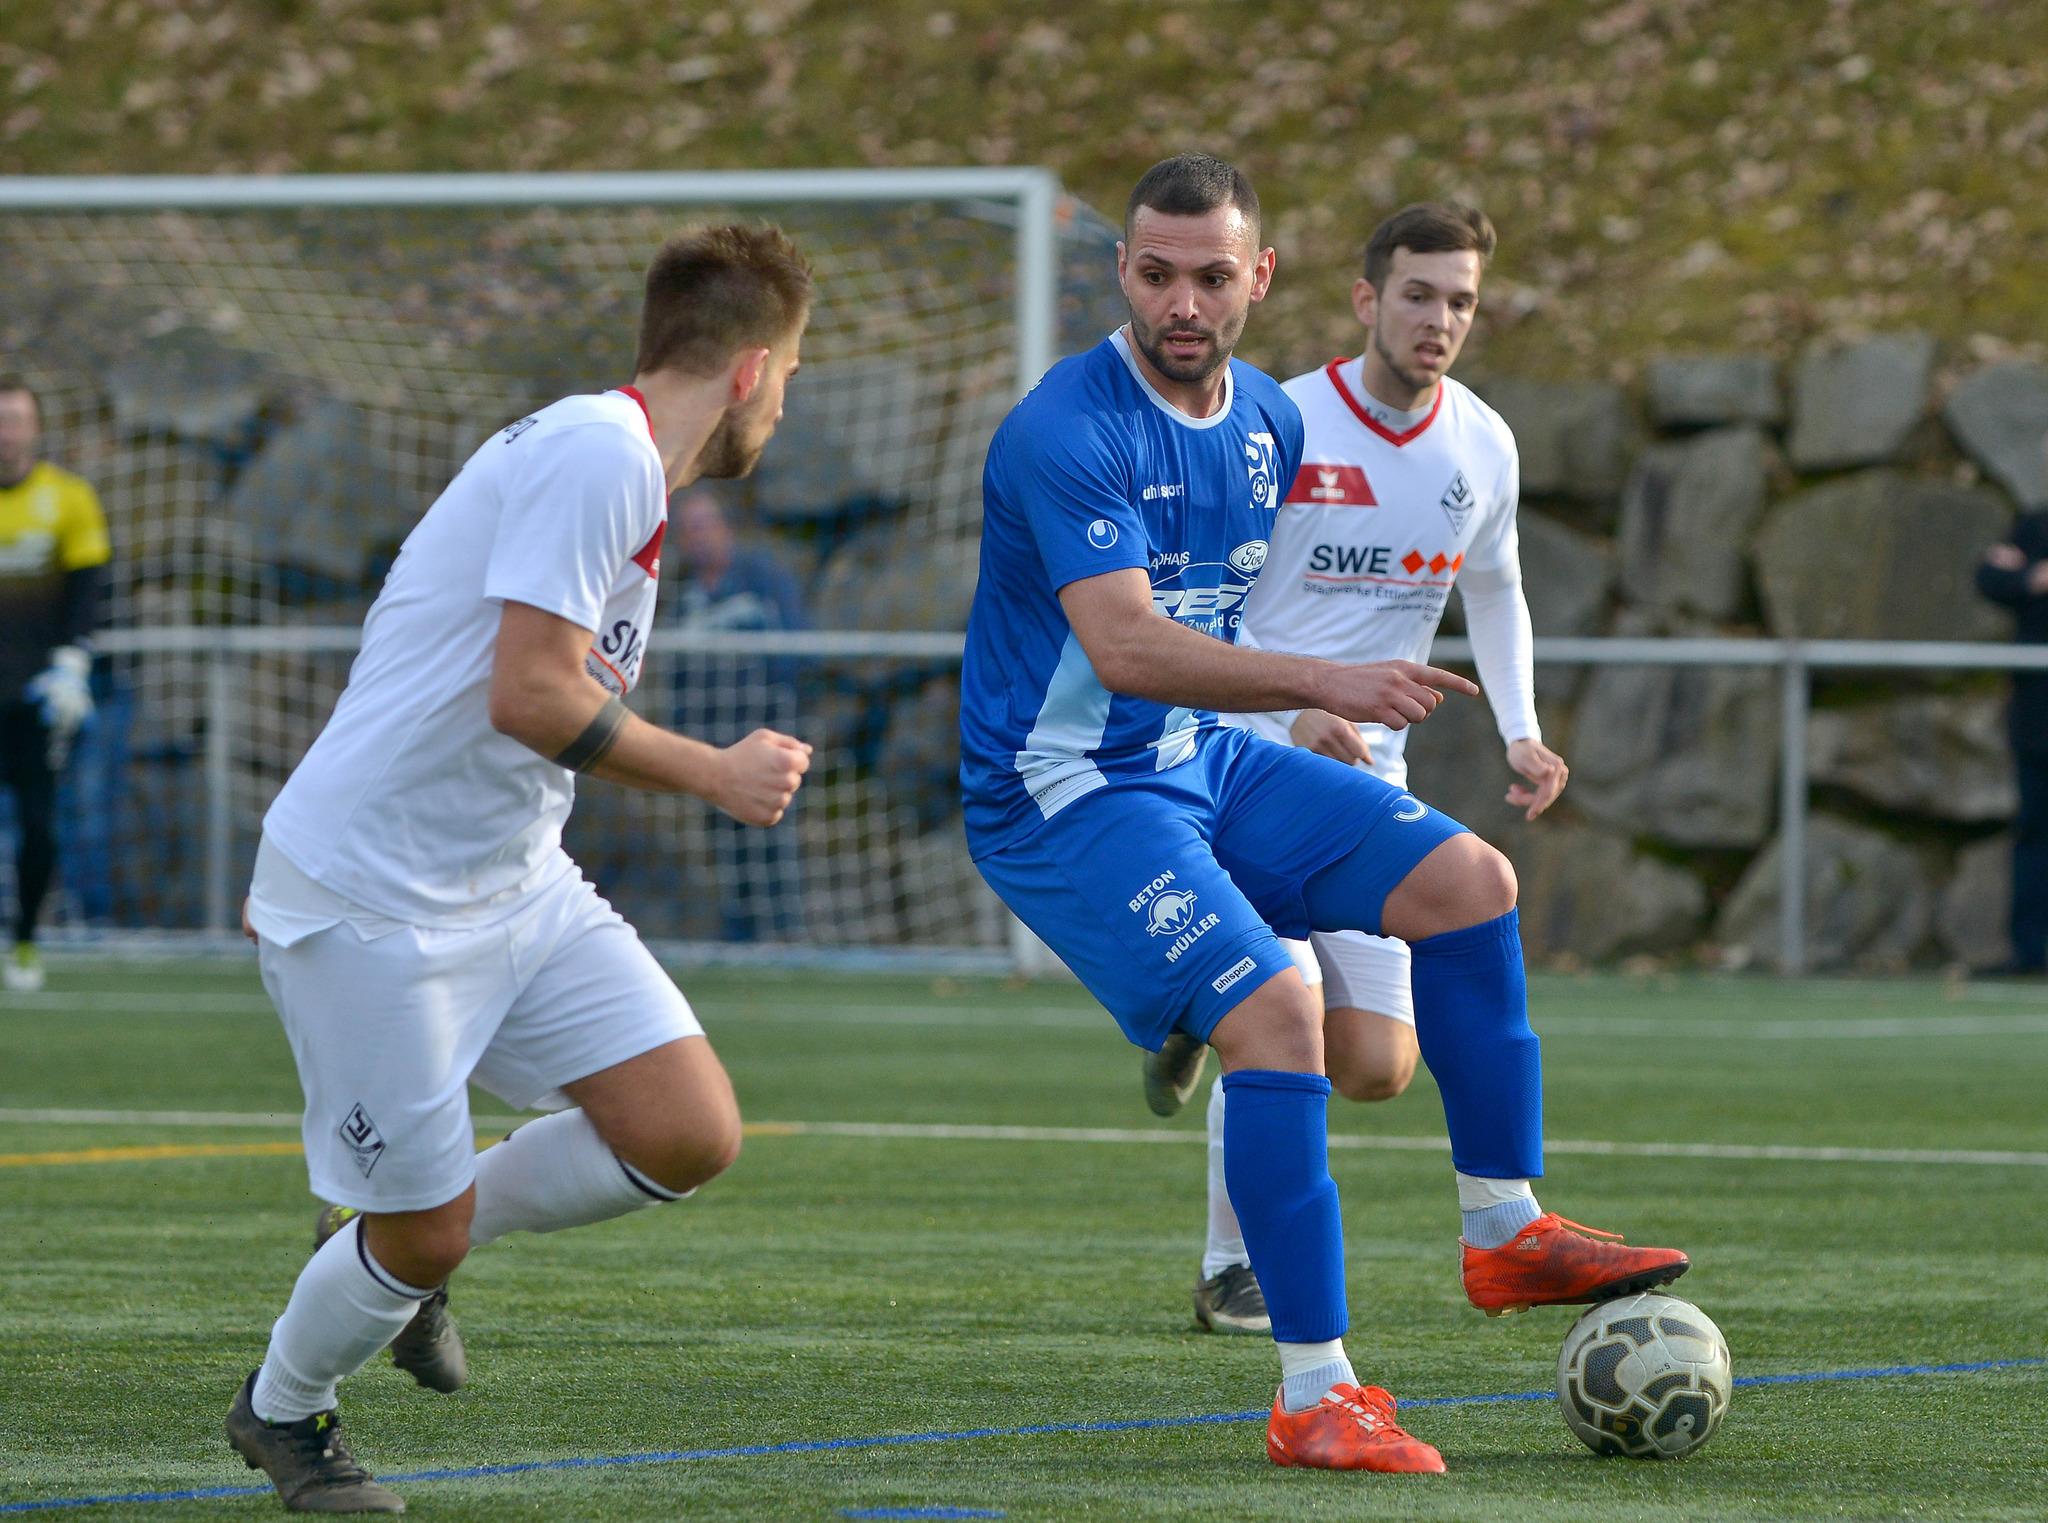 Fabian Herrmann vom SV Oberachern belegt aktuell Platz zehn in der Torjägerliste der Oberliga Baden-Württemberg.